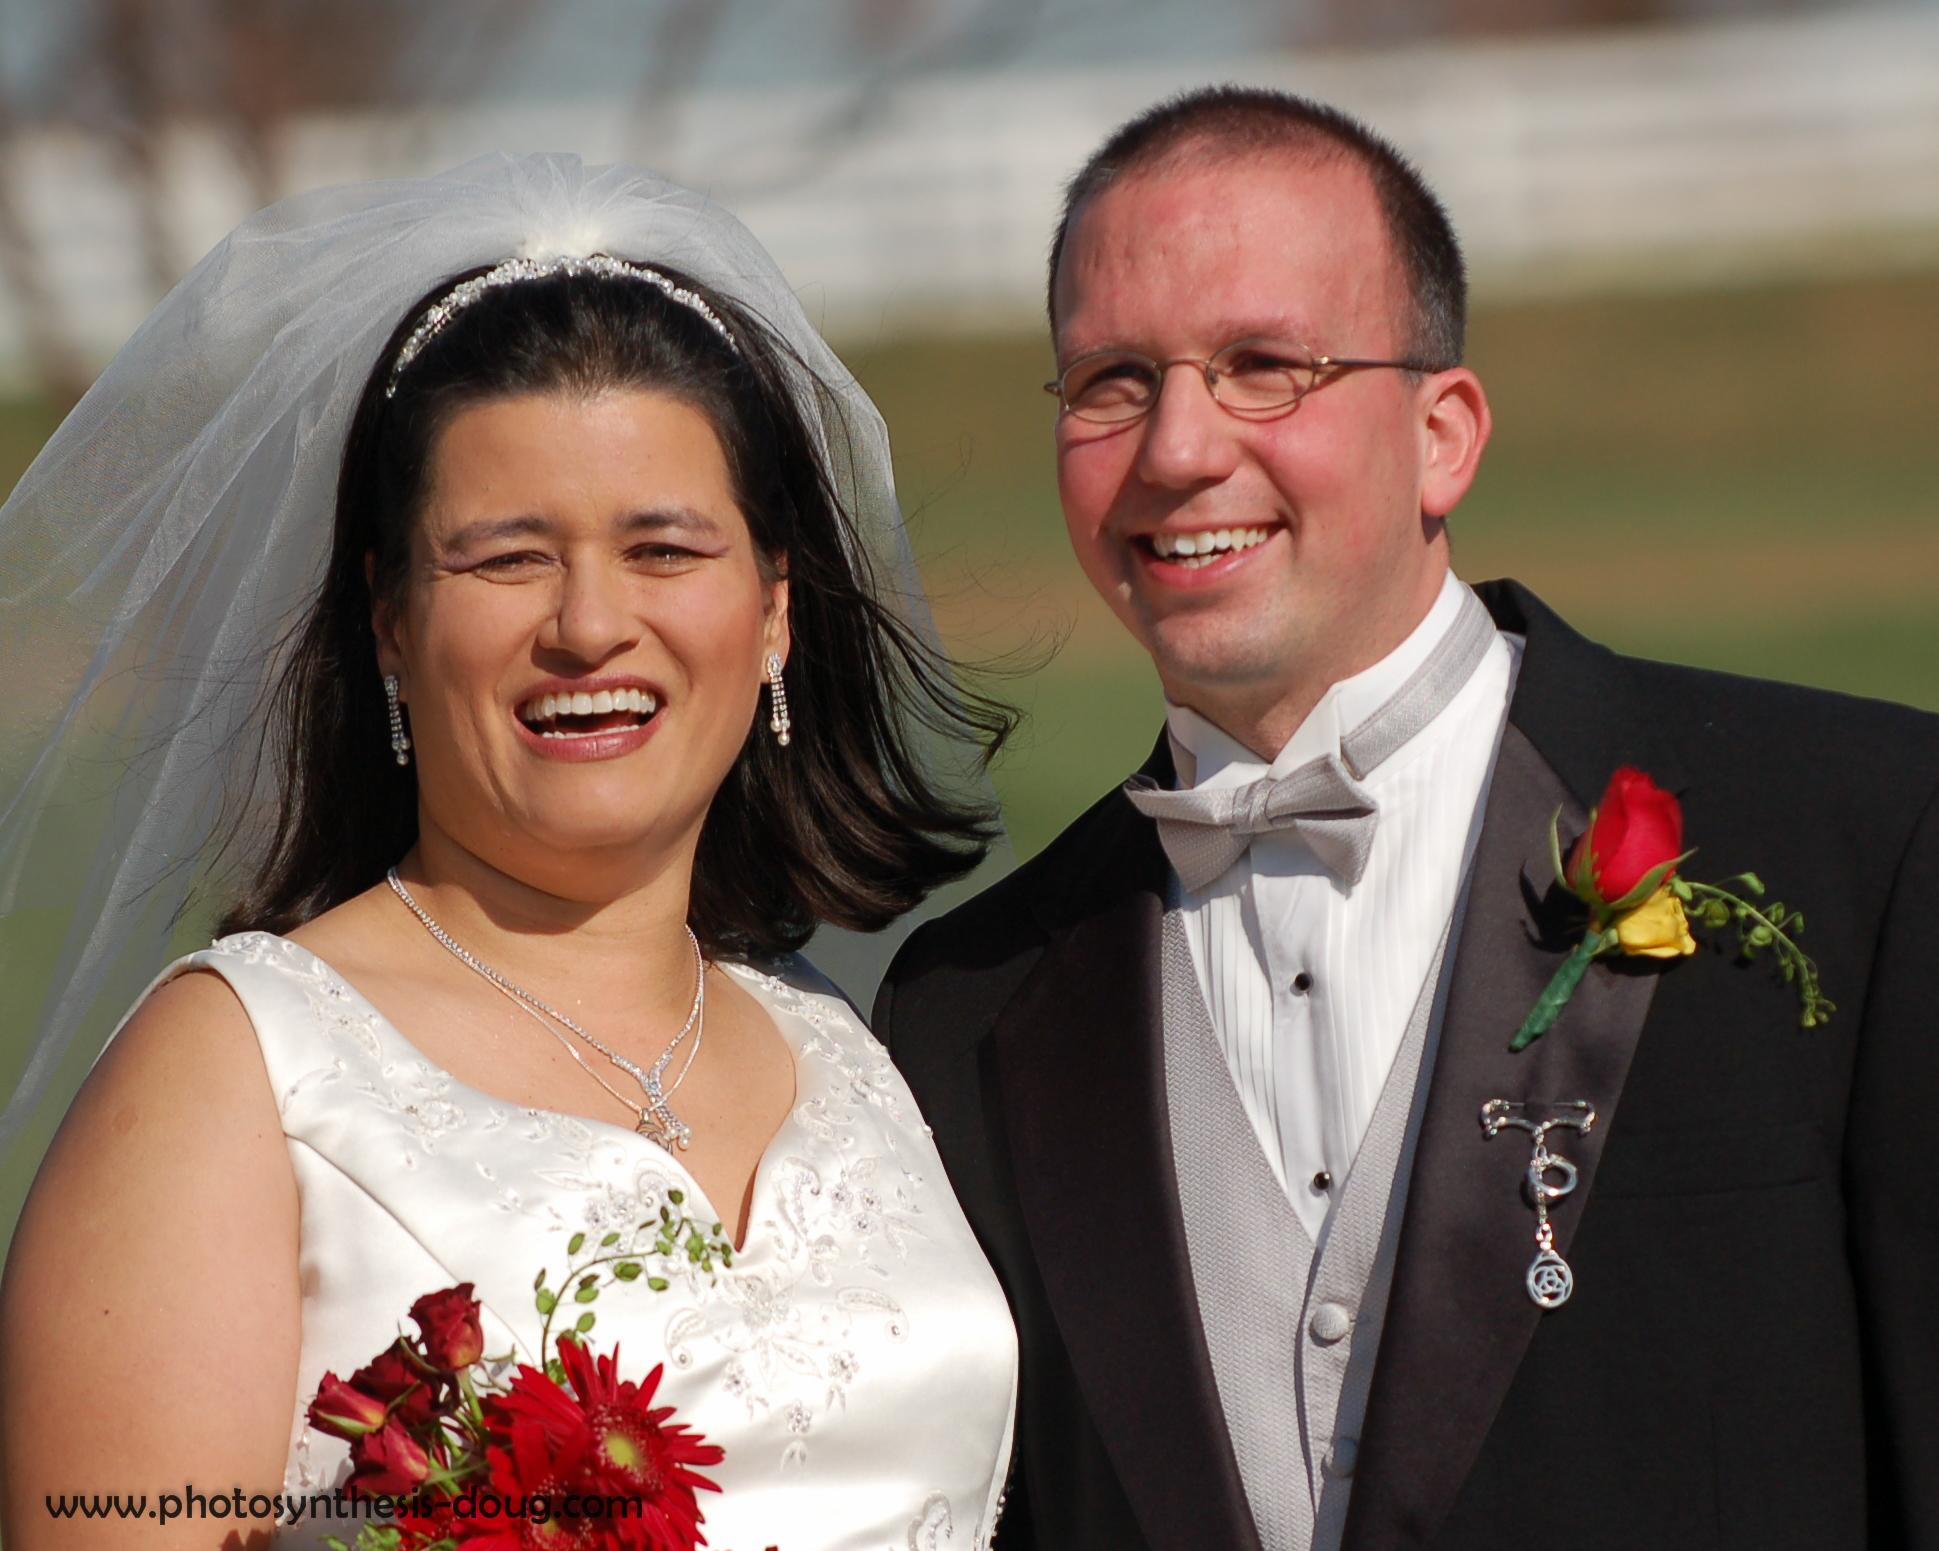 weddings-3166.jpg